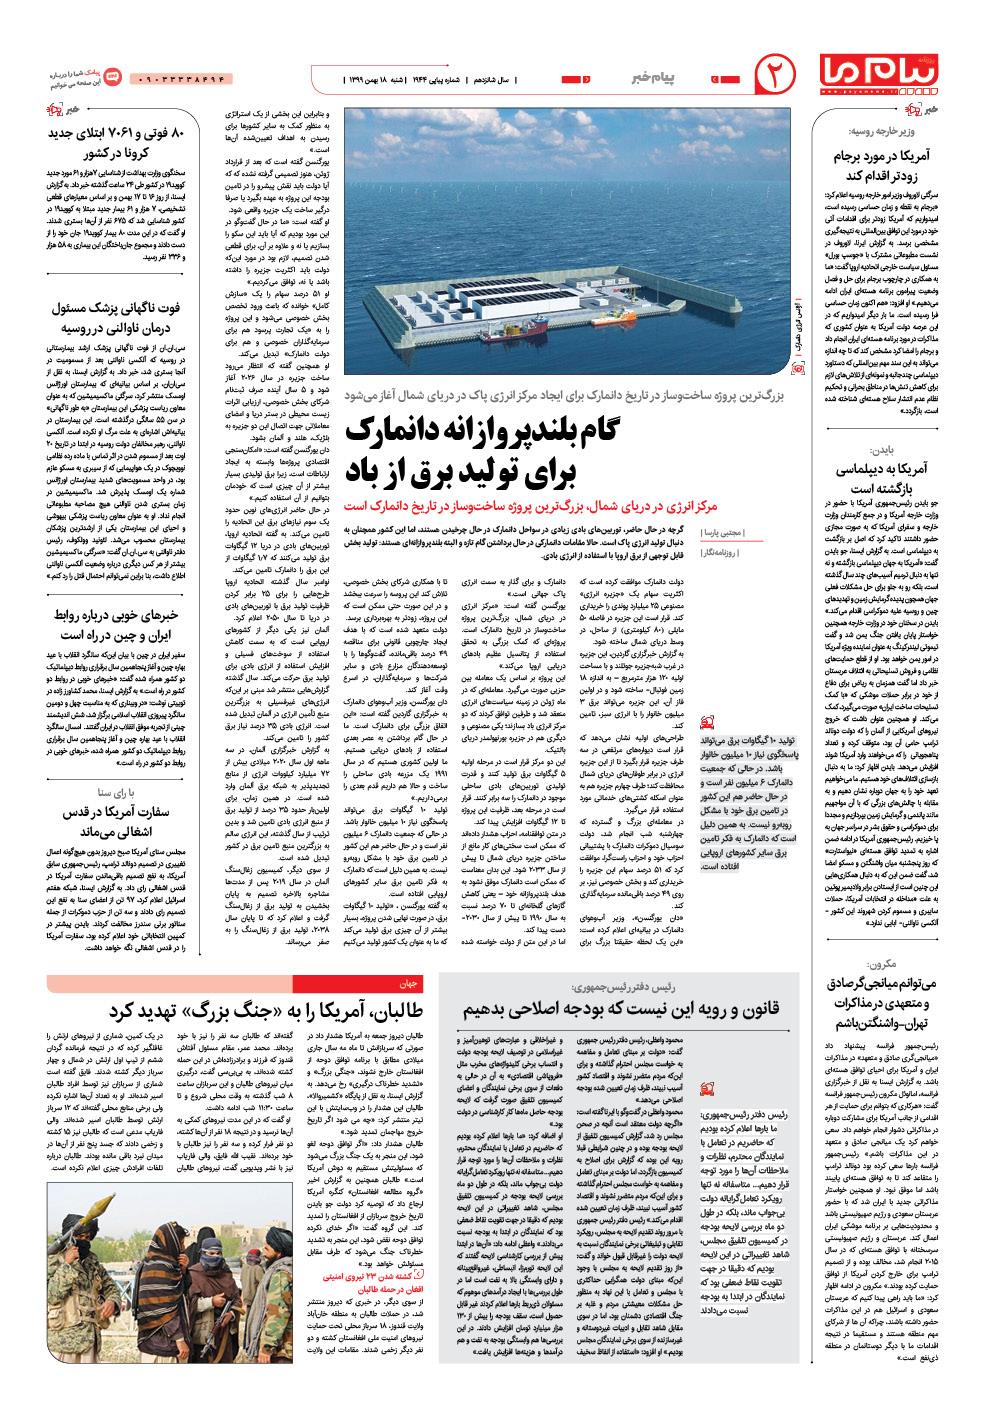 صفحه پیام خبر شماره ۱۹۴۴ روزنامه پیام ما